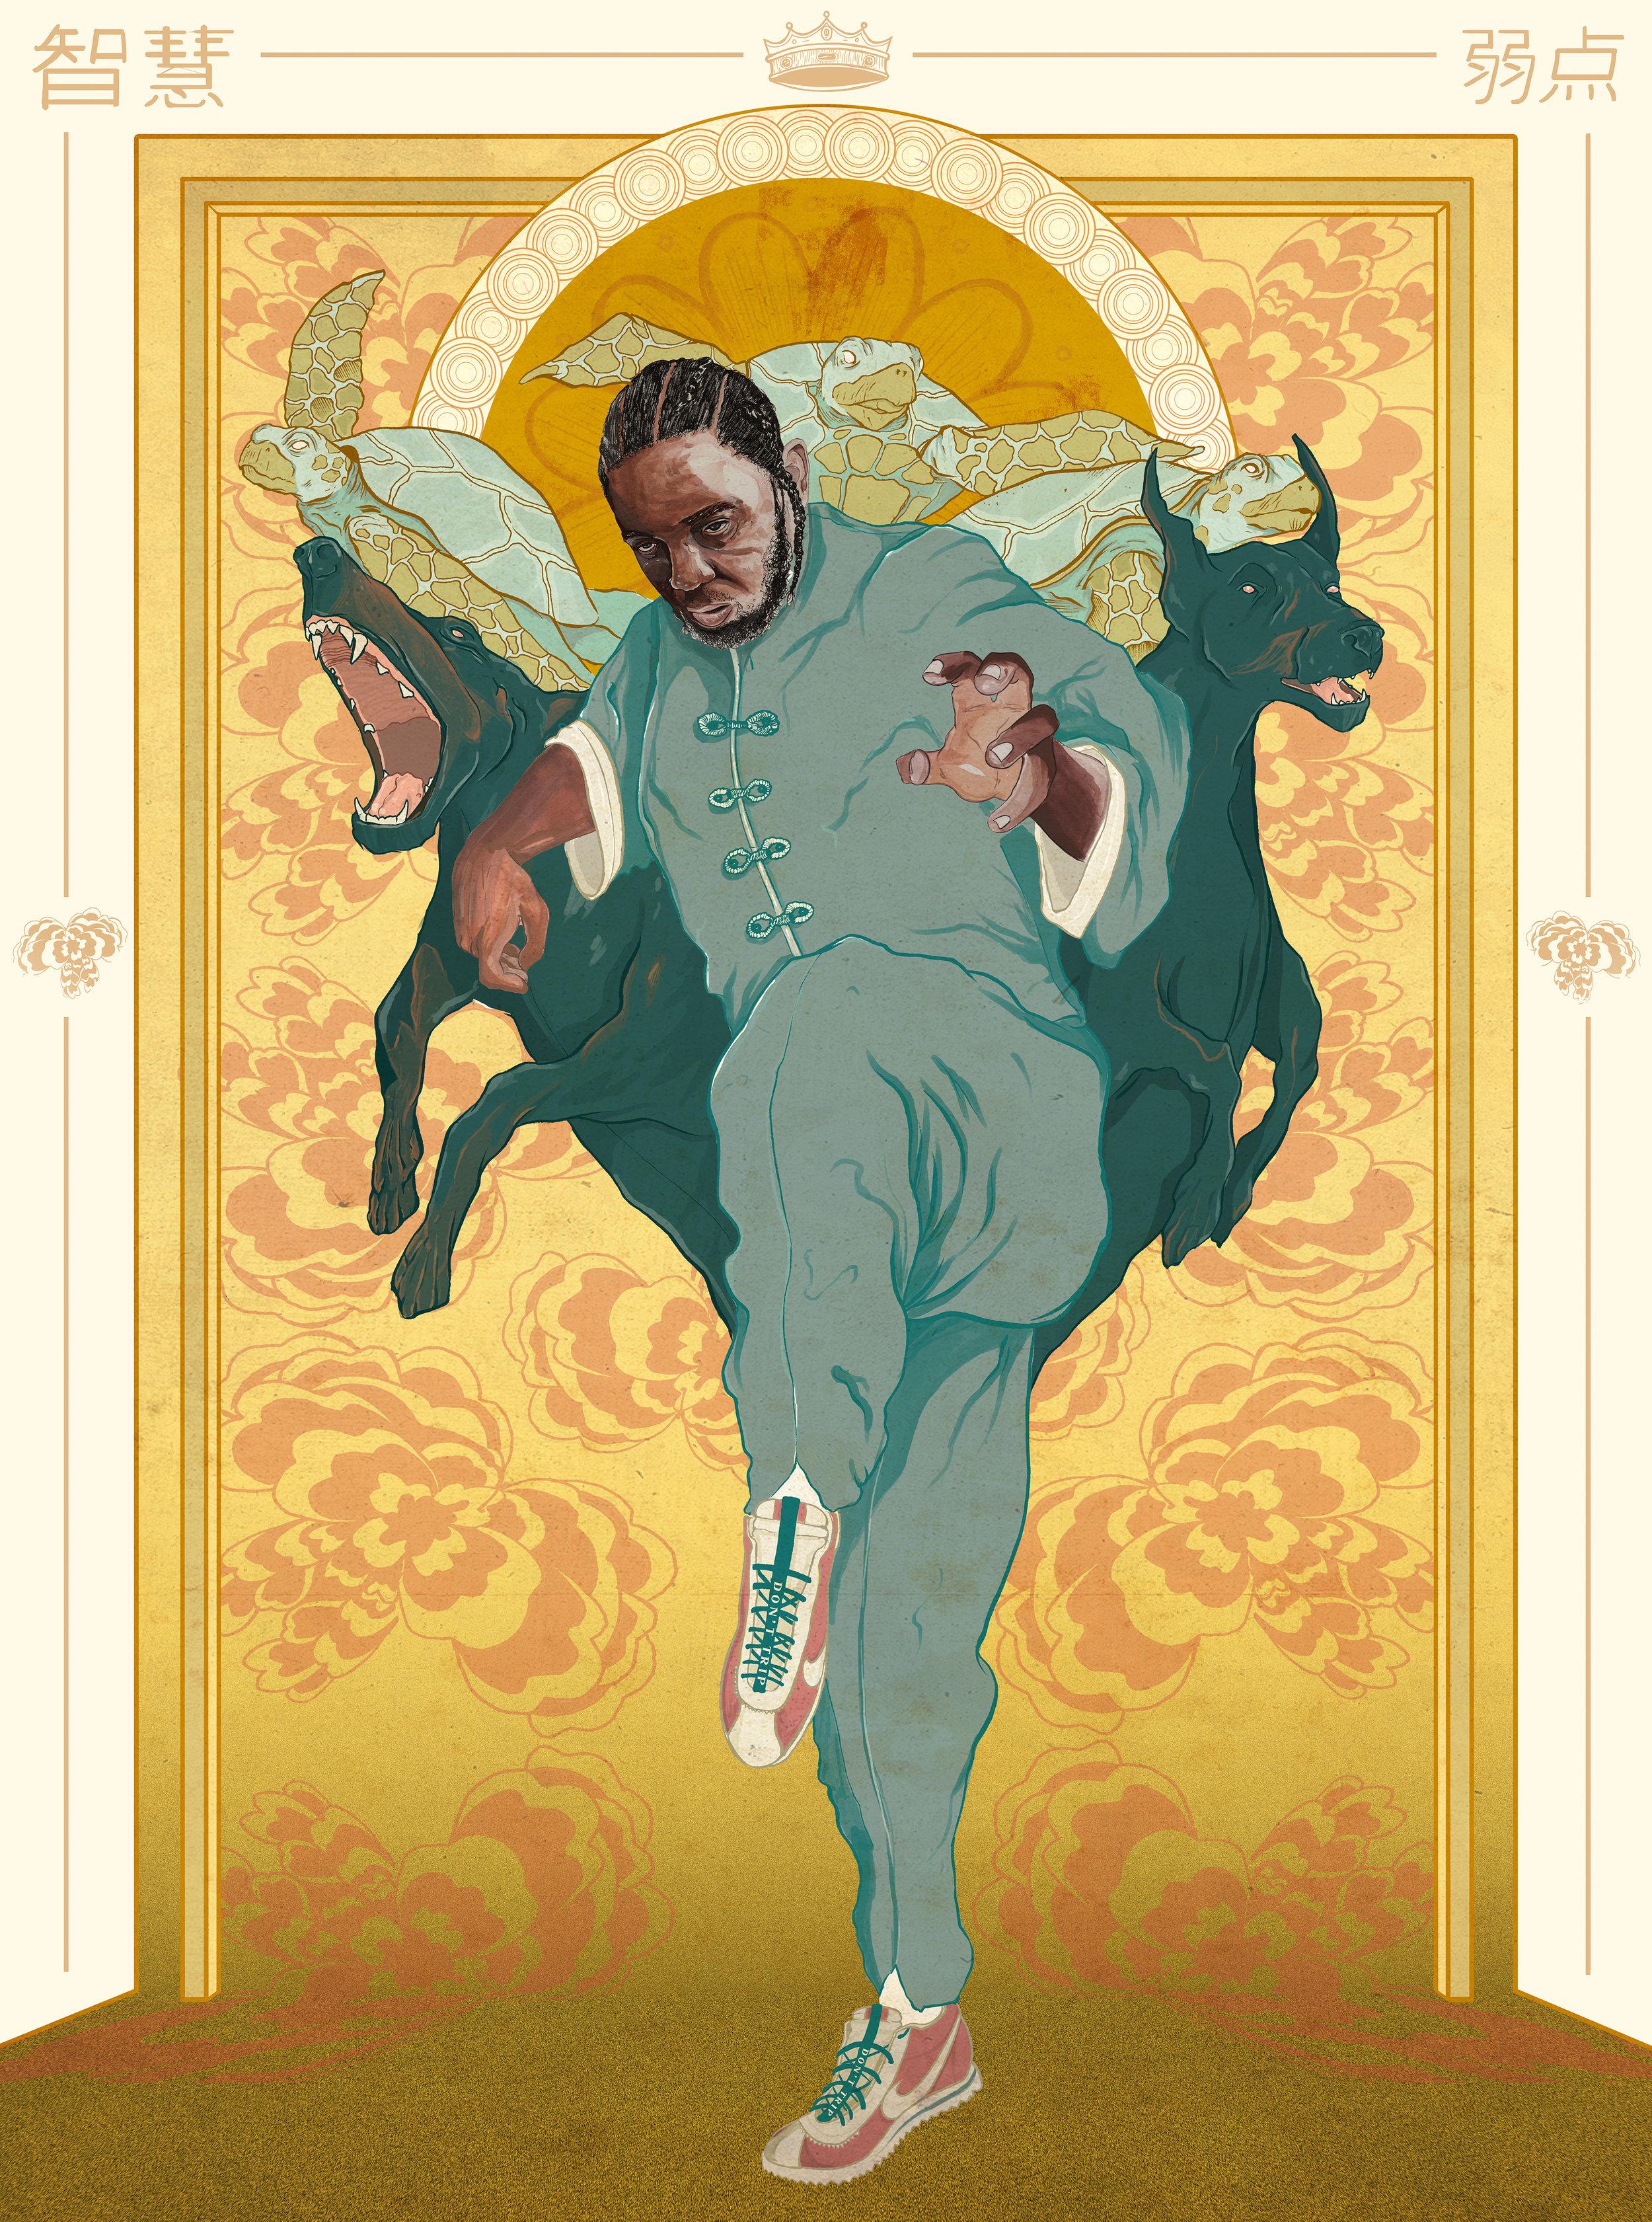 Kung Fu Kendrick Lamar